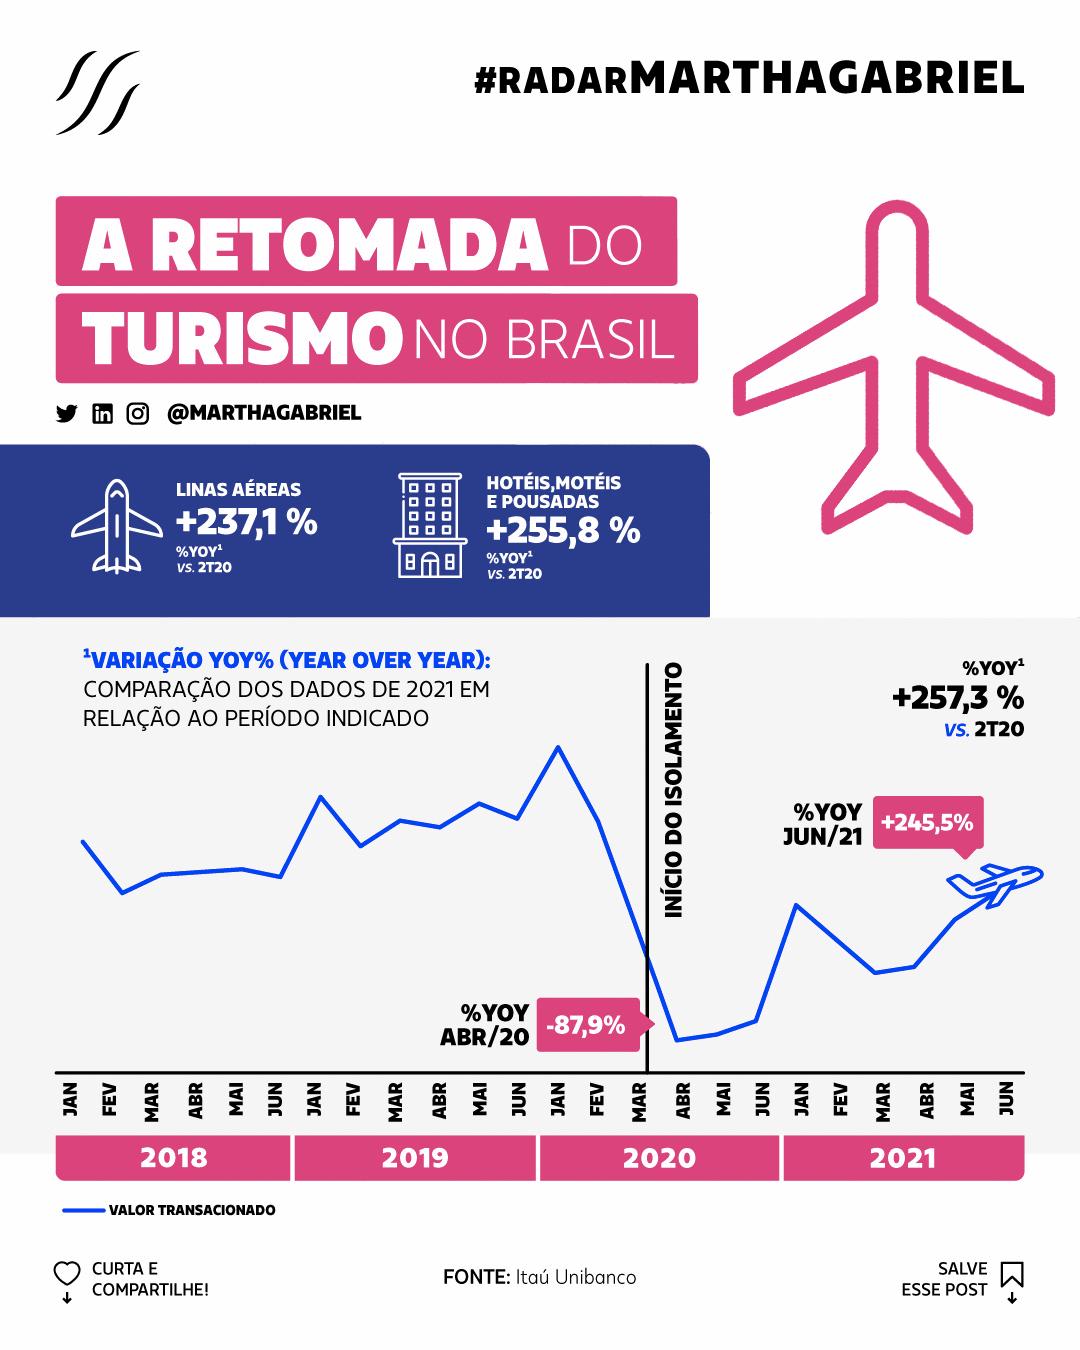 A retomada do turismo no Brasil